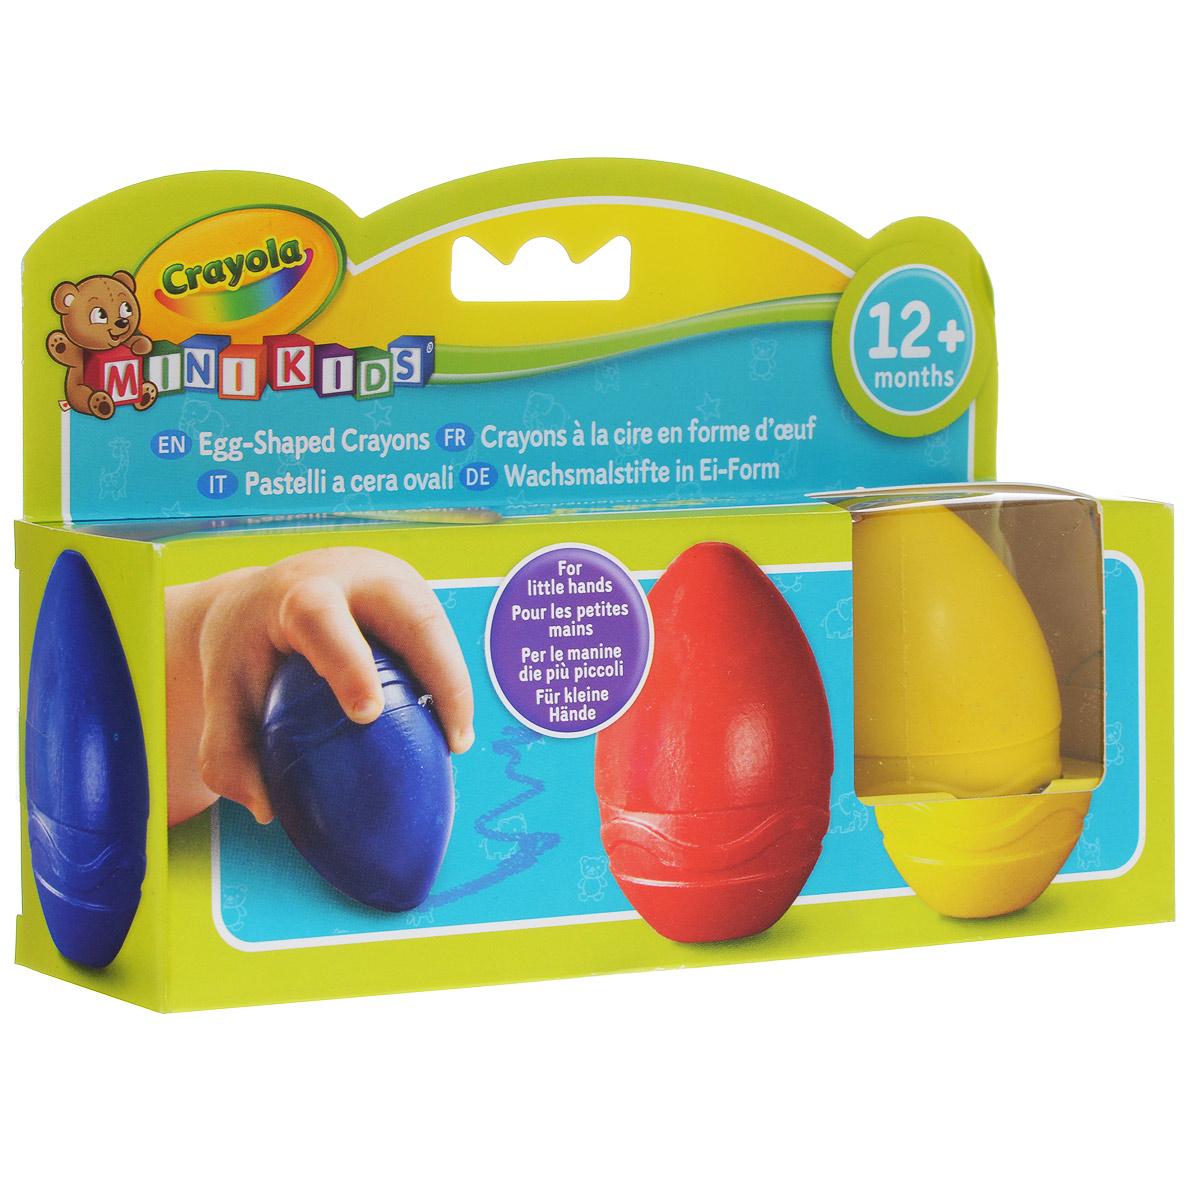 Восковые мелки Crayola, в форме яйца, 3 шт81-1345Необычные восковые мелки Crayola придутся по вкусу всем малышам. Интригующий внешний вид - каждый из мелков выполнен в форме яйца - привлекает внимает ребенка и стимулирует интерес к освоению художественной техники рисования восковыми мелками. Благодаря подобной форме мелки удобно ложатся в детскую руку, их легко удерживать и направлять. Восковые мелки выполнены из безопасных для детского здоровья, нетоксичных материалов. Они выпущены американским брендом Crayola, известным своими наборами для творчества во всем мире. Рисовать такими мелками можно, начиная с 1 года. В наборе три цветных мелка-яйца синего, красного и желтого цветов. Создайте свою картину вместе с Crayola!